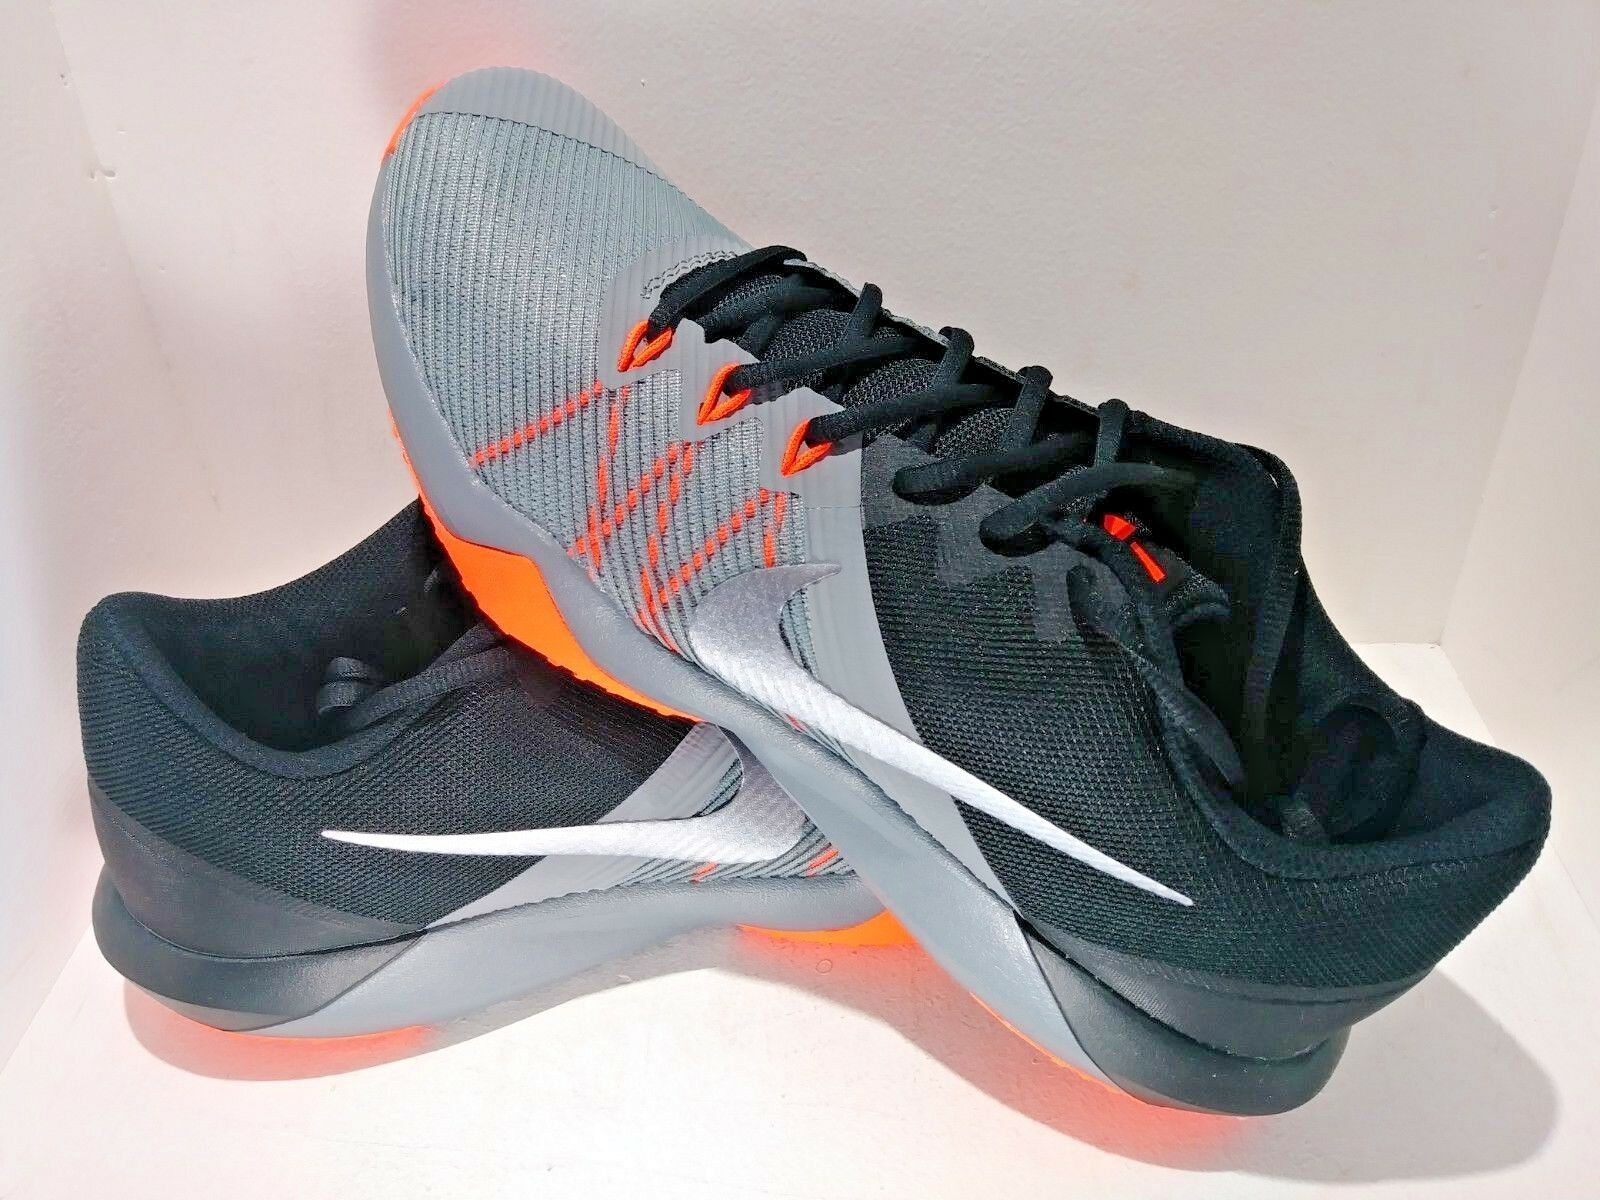 Nuove Nike Nike Nuove Rappresaglia Tr Uomini Neri Arancione Di Formazione / Casual Dimensioni 9.5 e03ec3